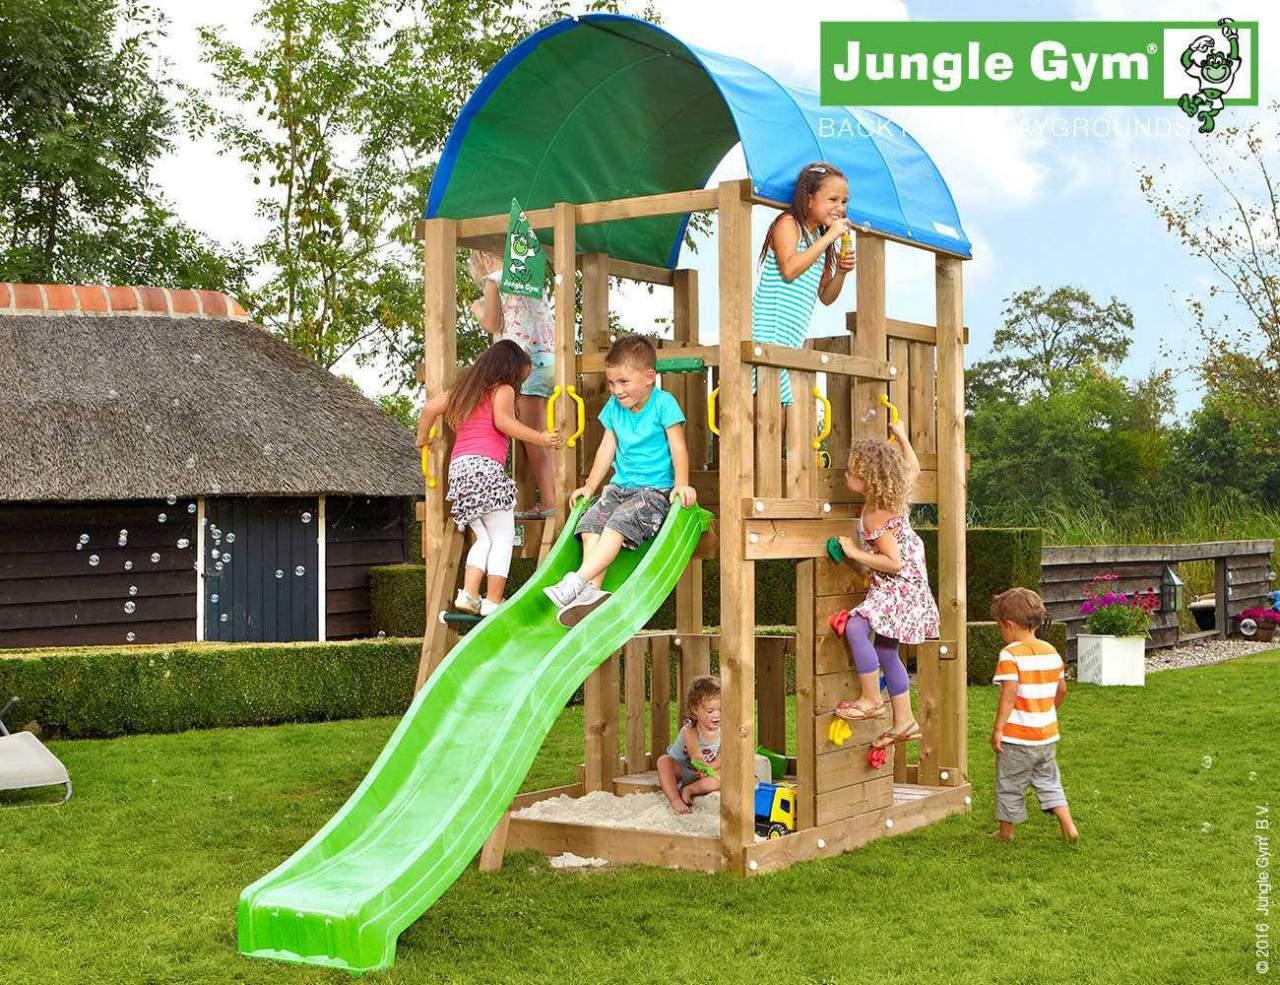 climbing frame with slide jungle farm greenc377l5iTLZyST 1280x1280